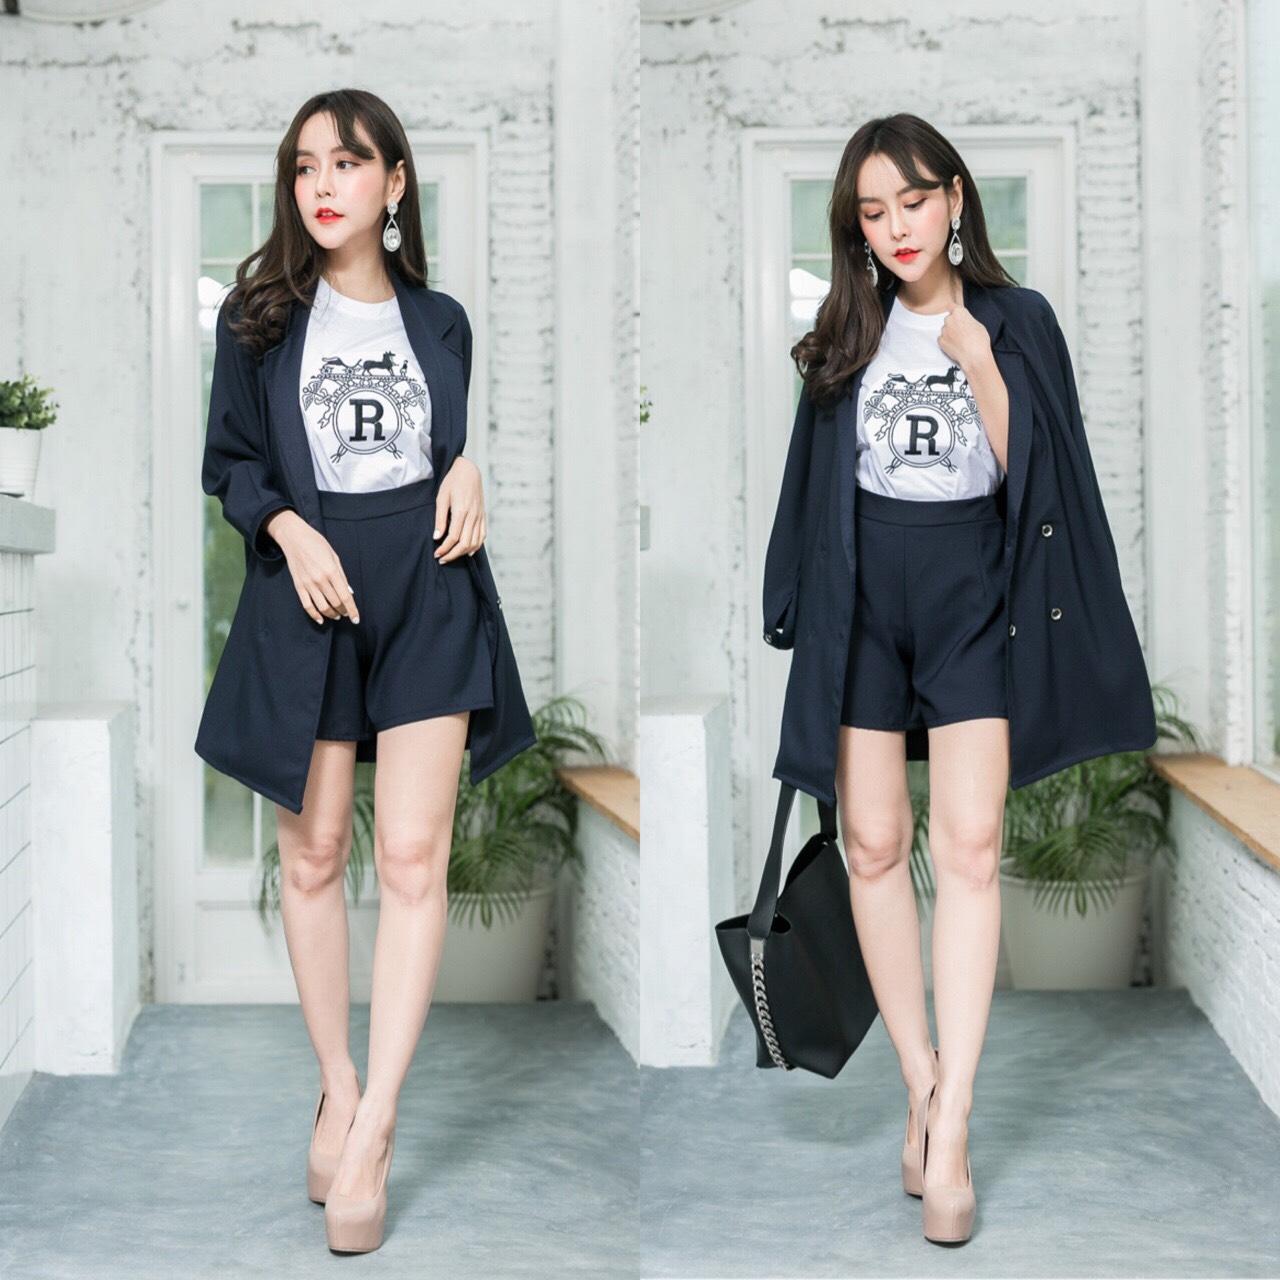 เสื้อผ้าเกาหลี พร้อมส่ง เสื้อคลุมBazer+กางเกงขาสั้น